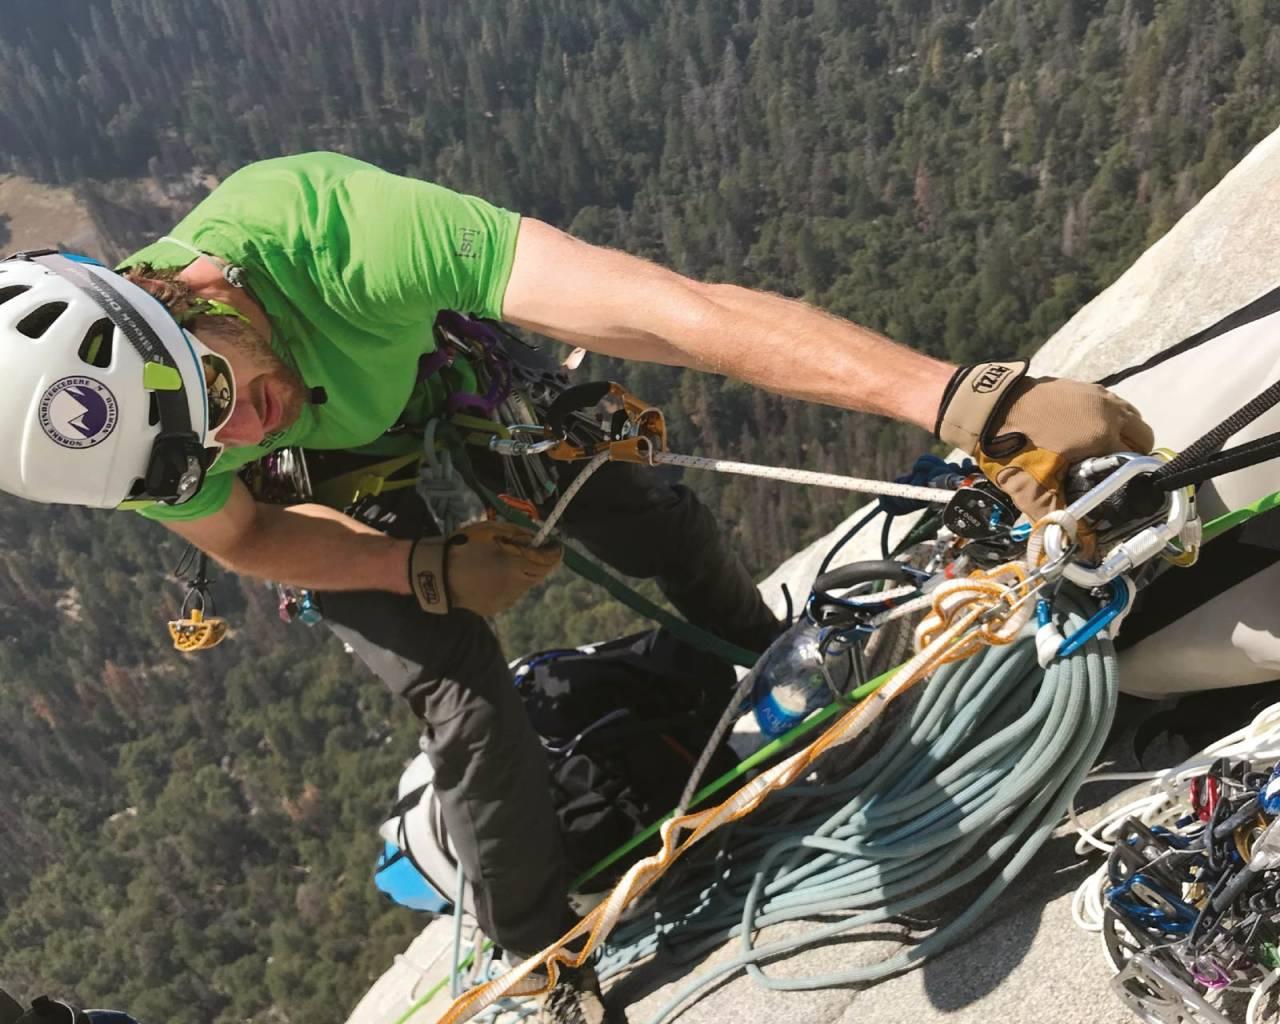 STORVEGG: Øyvind Salvesen ble god venn med jumarene under bestigningen av El Cap i Yosemite i 2017. Foto: Jon Egil Auestad